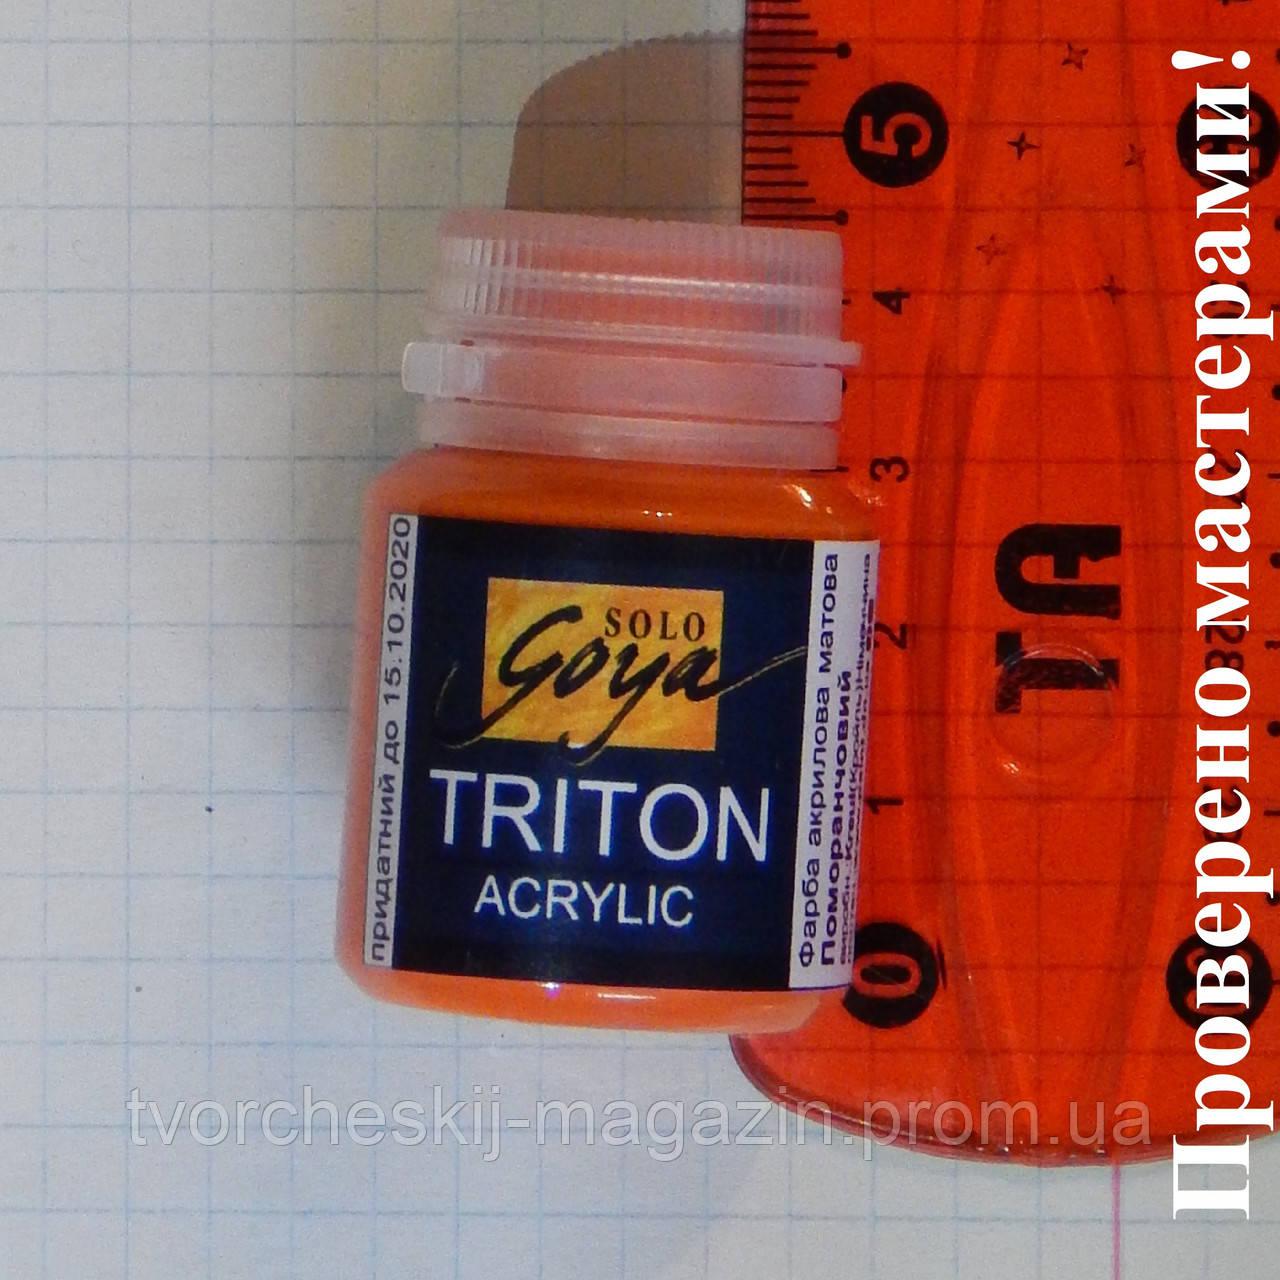 """Краскаакриловая матовая художественная """"Solo Goya"""" Triton 20мл, Оранжевая, фото 1"""